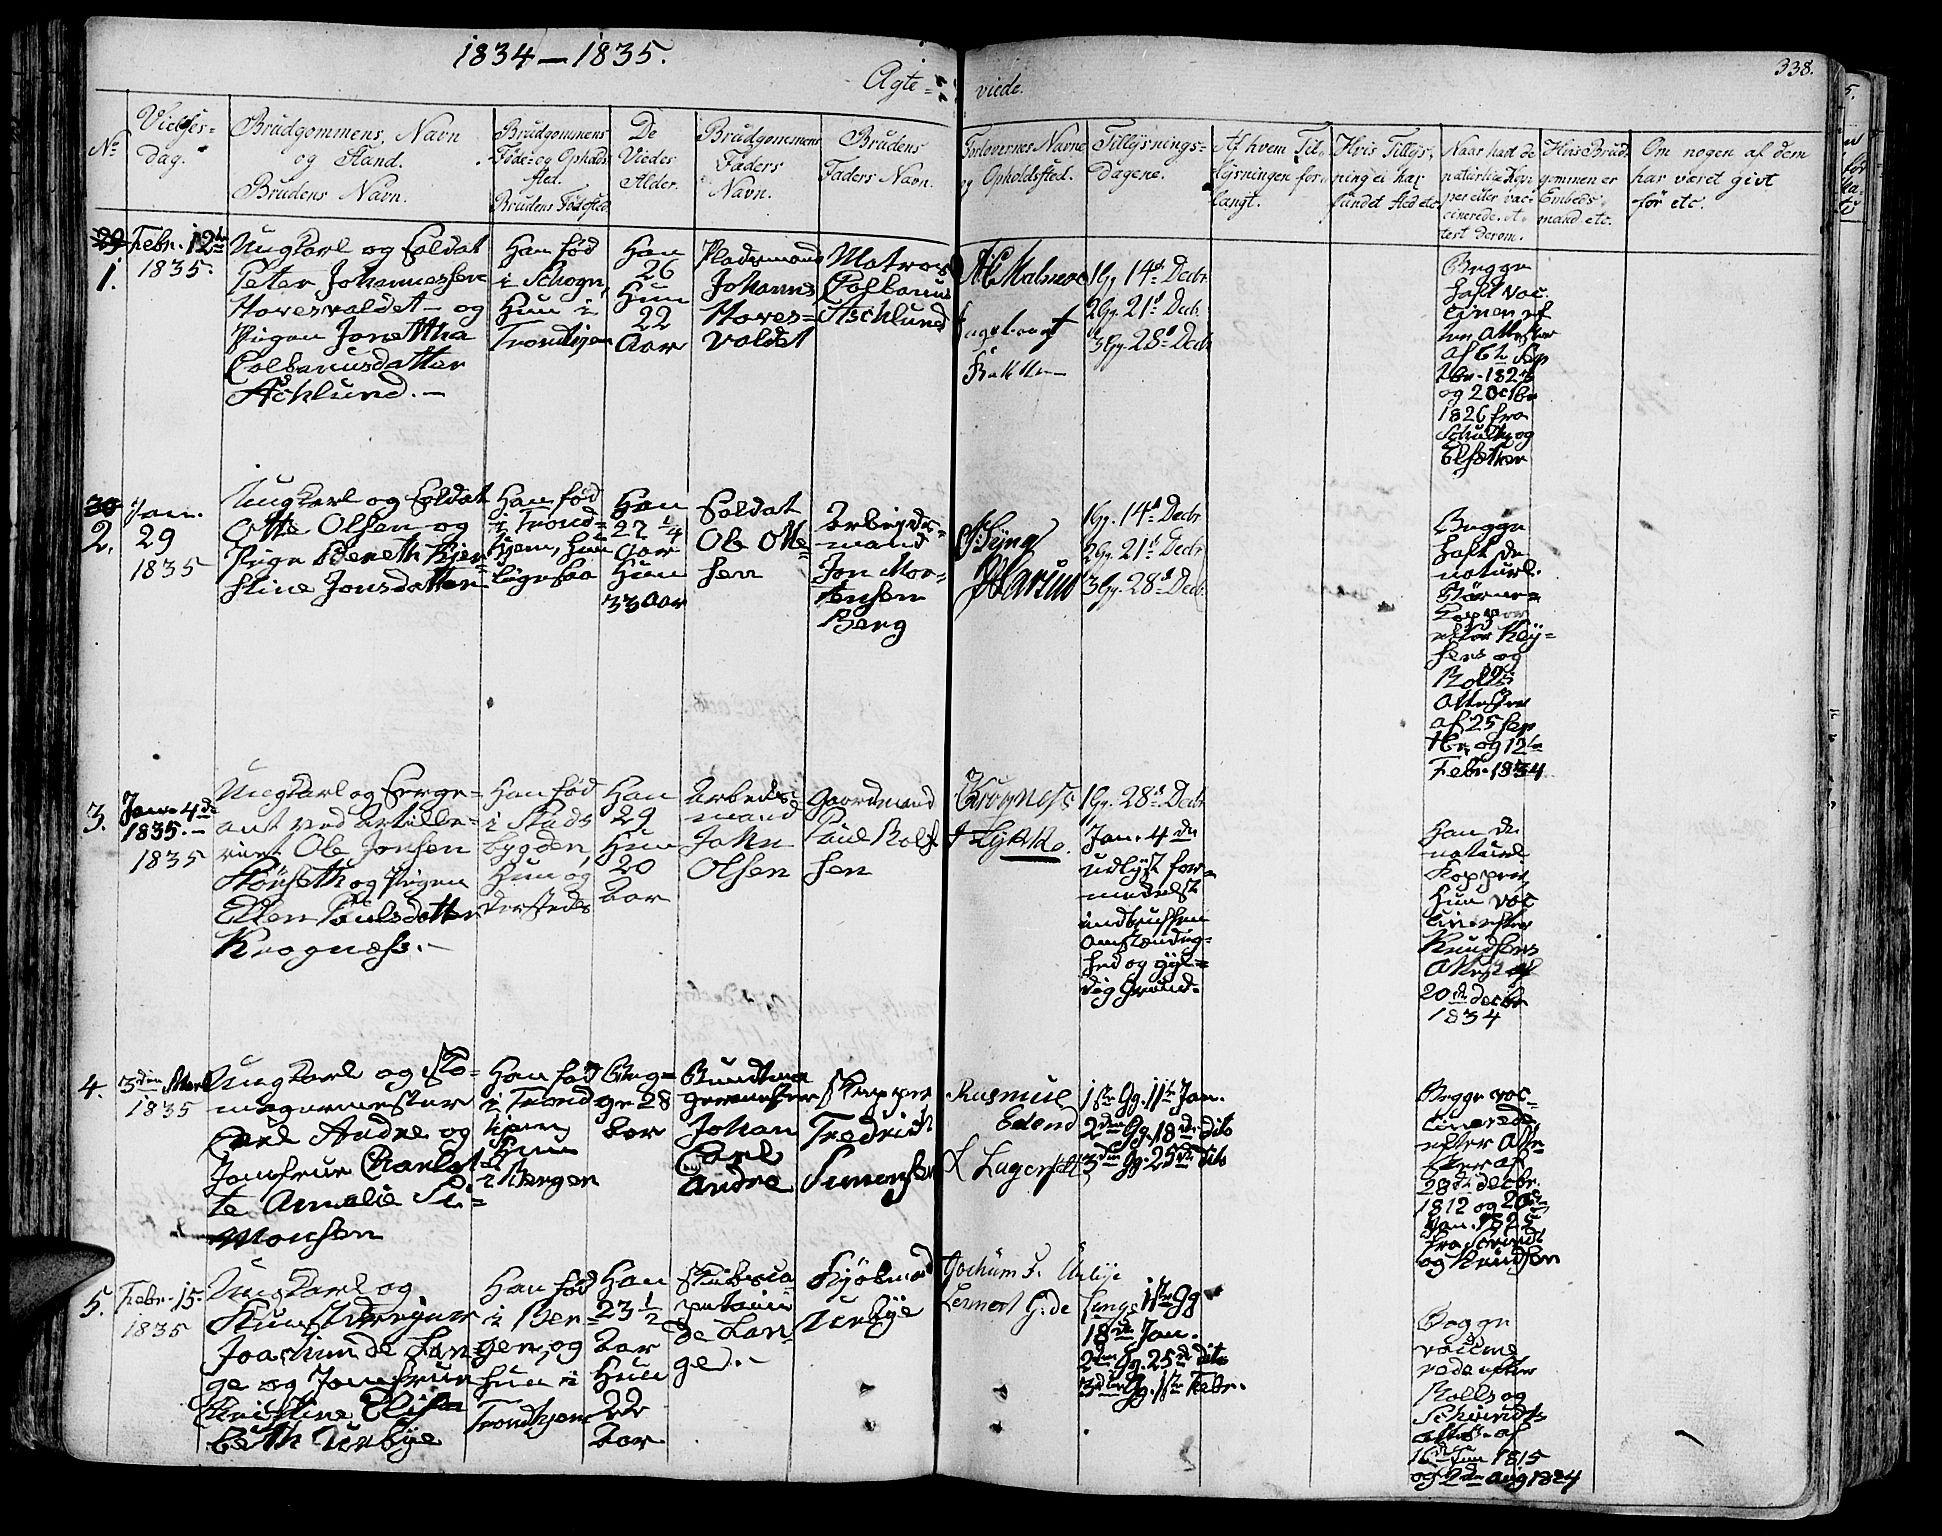 SAT, Ministerialprotokoller, klokkerbøker og fødselsregistre - Sør-Trøndelag, 602/L0109: Ministerialbok nr. 602A07, 1821-1840, s. 338